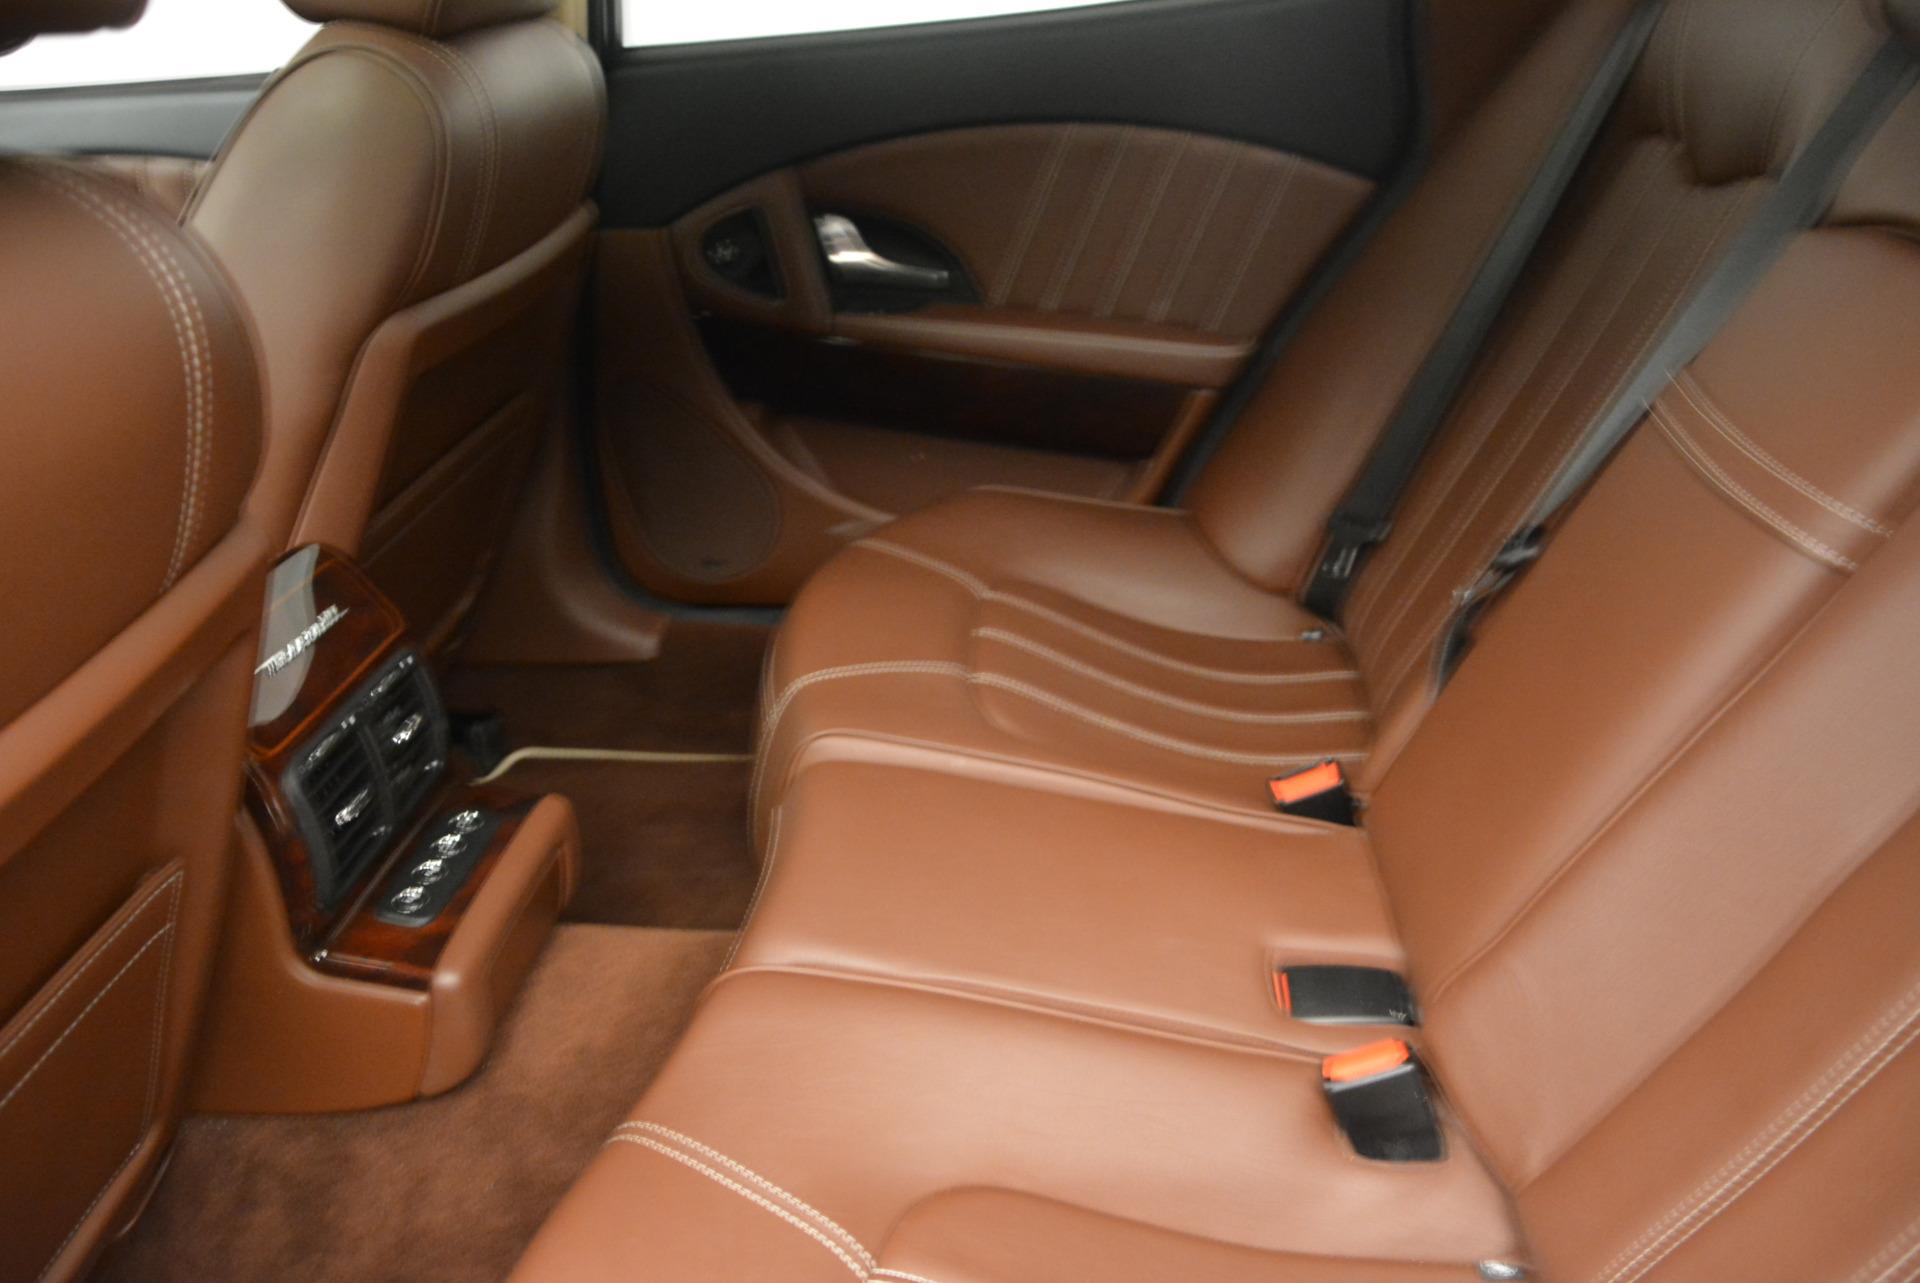 Used 2013 Maserati Quattroporte S For Sale In Greenwich, CT 1012_p18